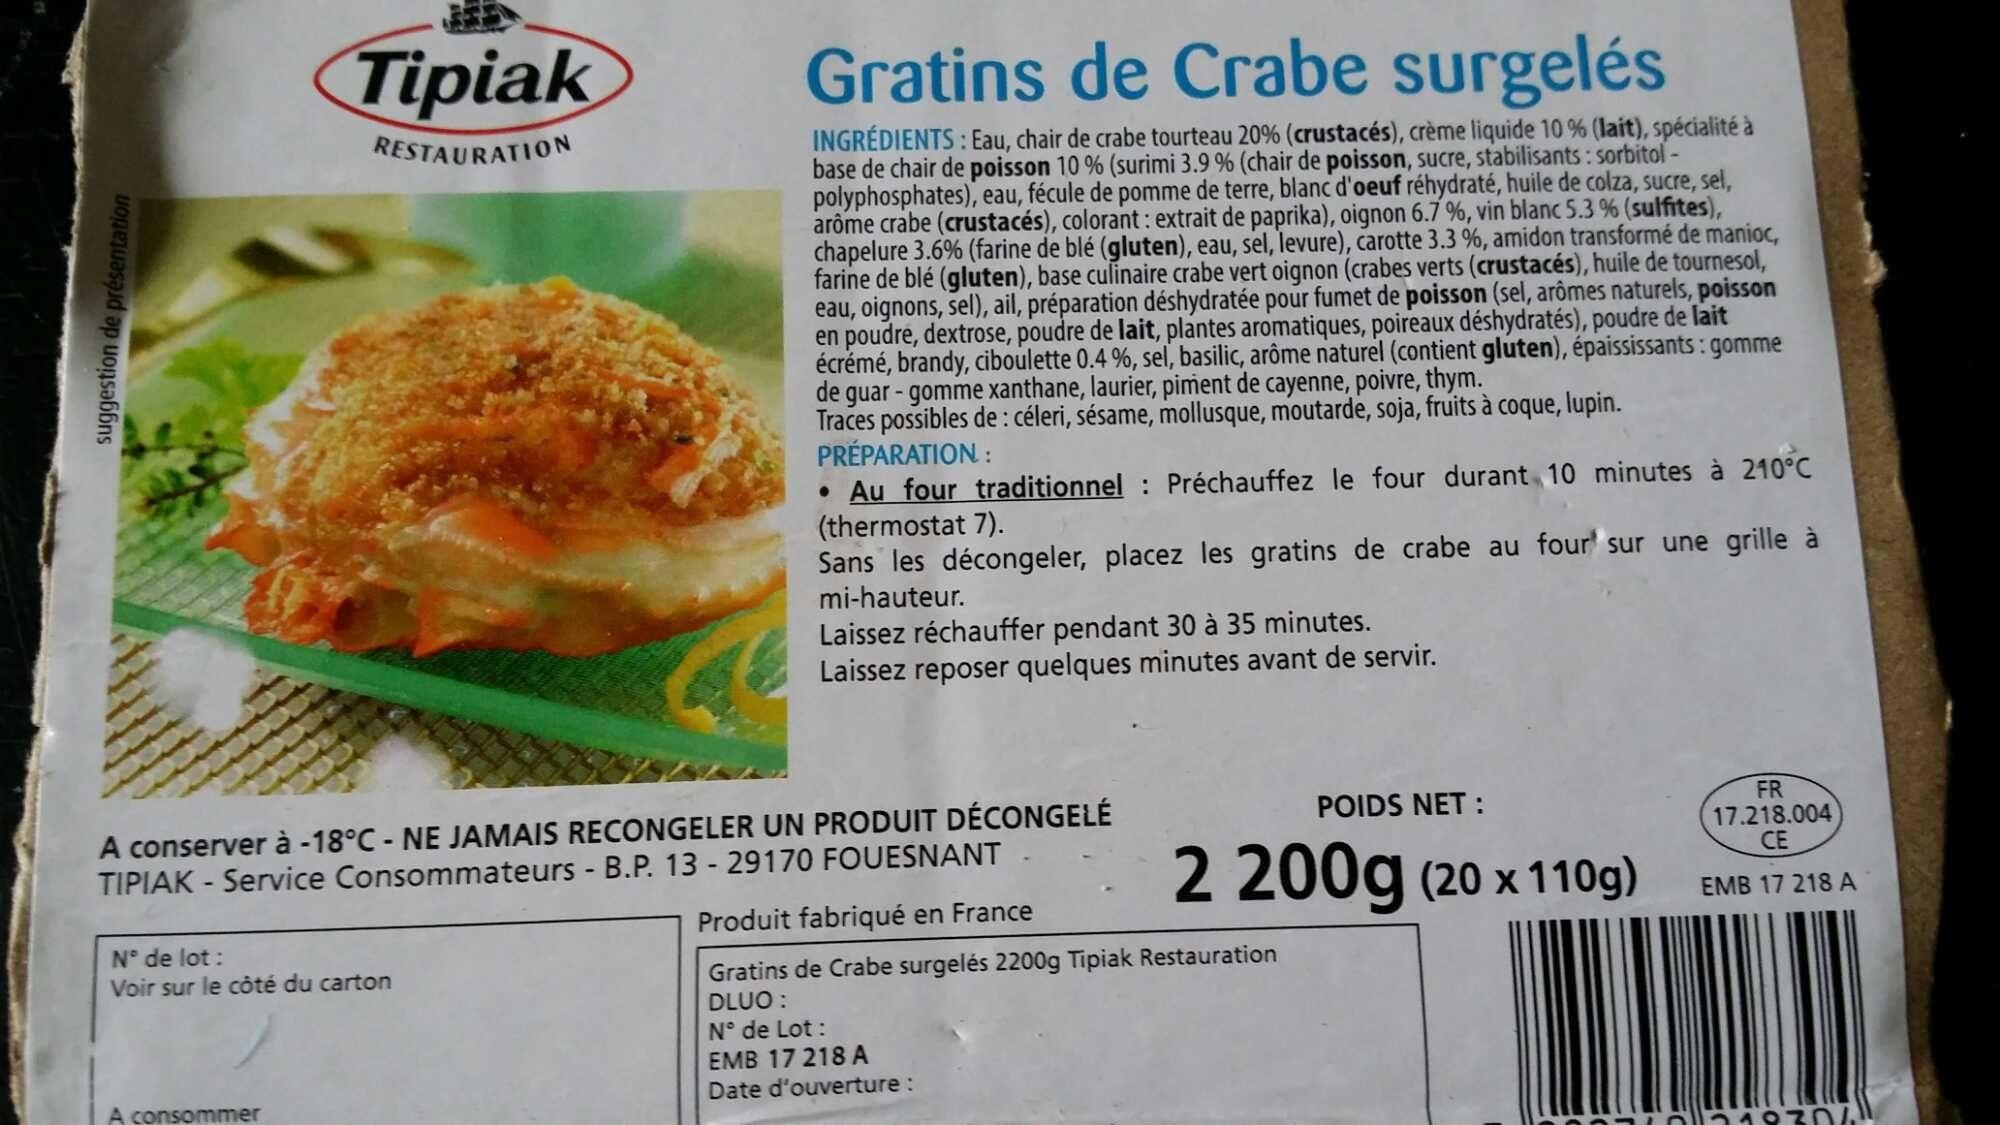 Gratins de crabe surgelés - Product - fr